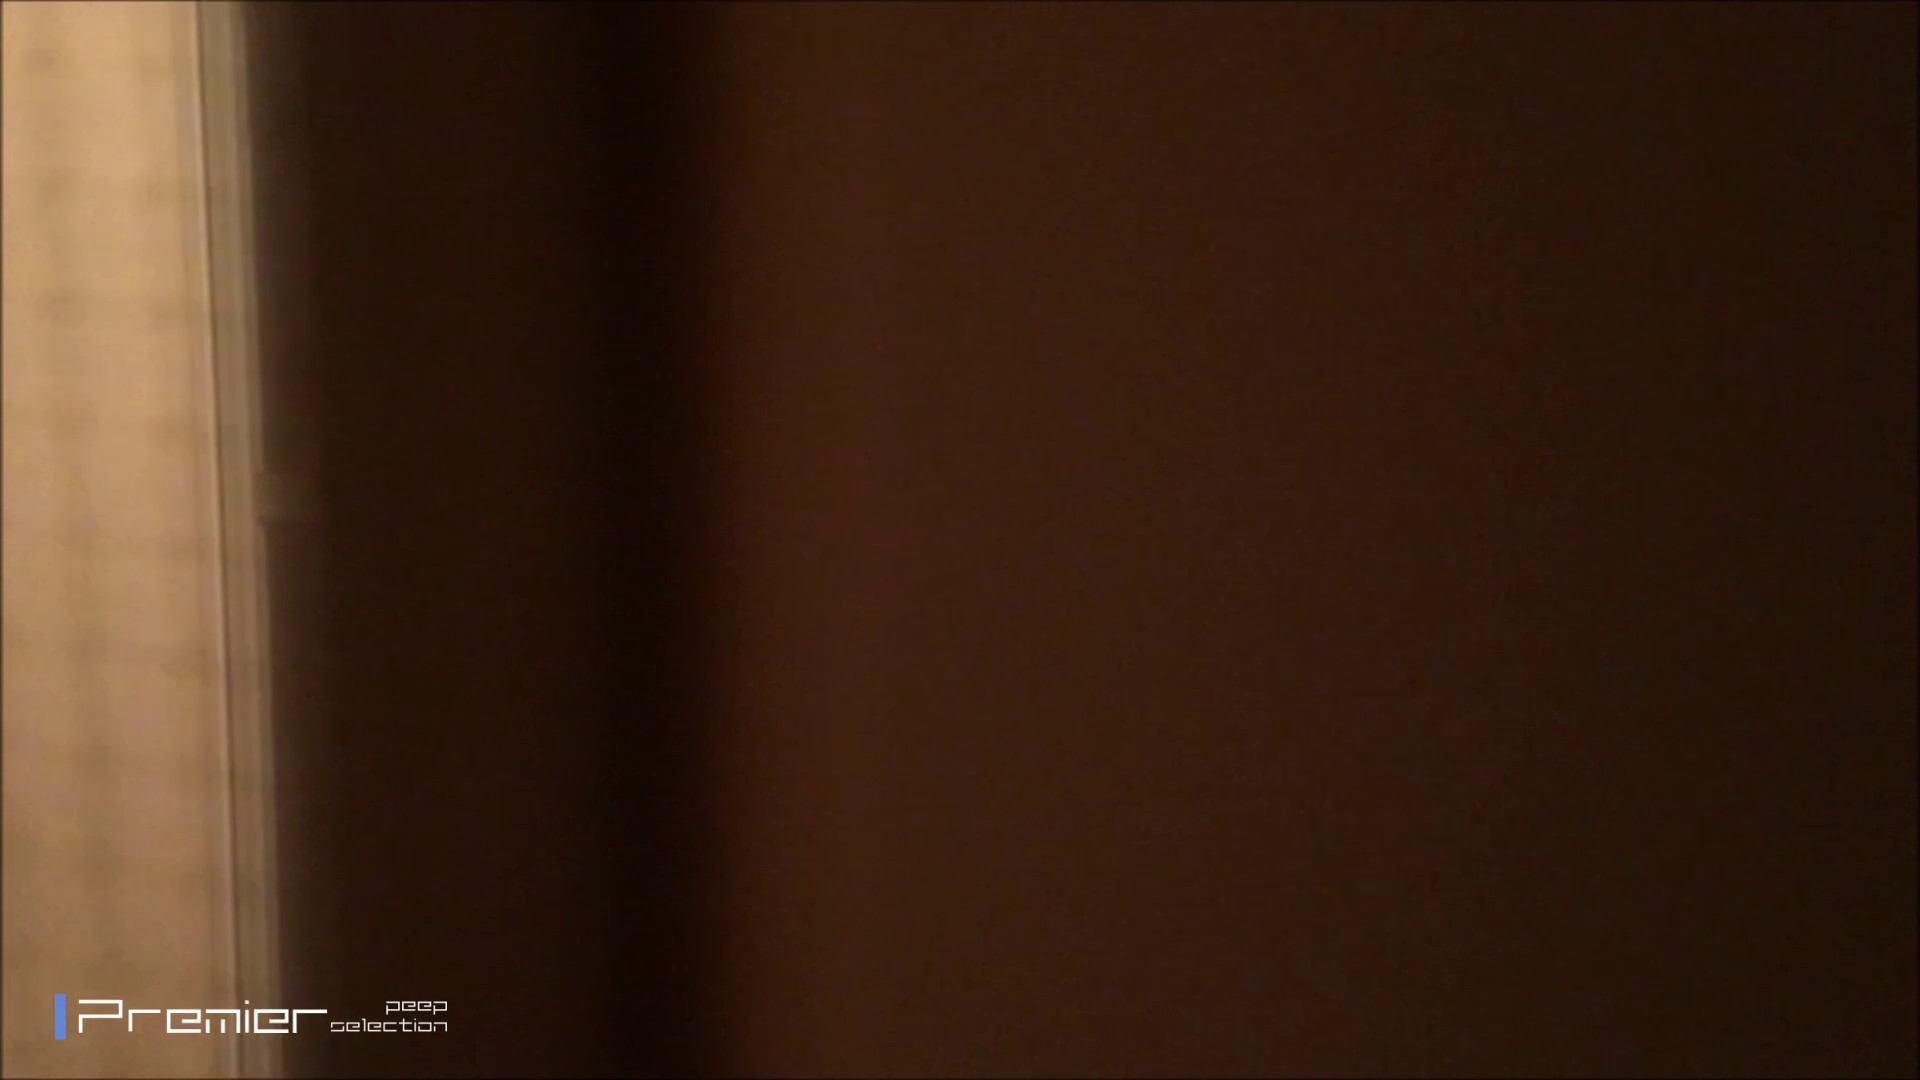 シャワーのお湯を跳ね返すお肌 乙女の風呂場 Vol.03 乙女もsex AV無料動画キャプチャ 108枚 13